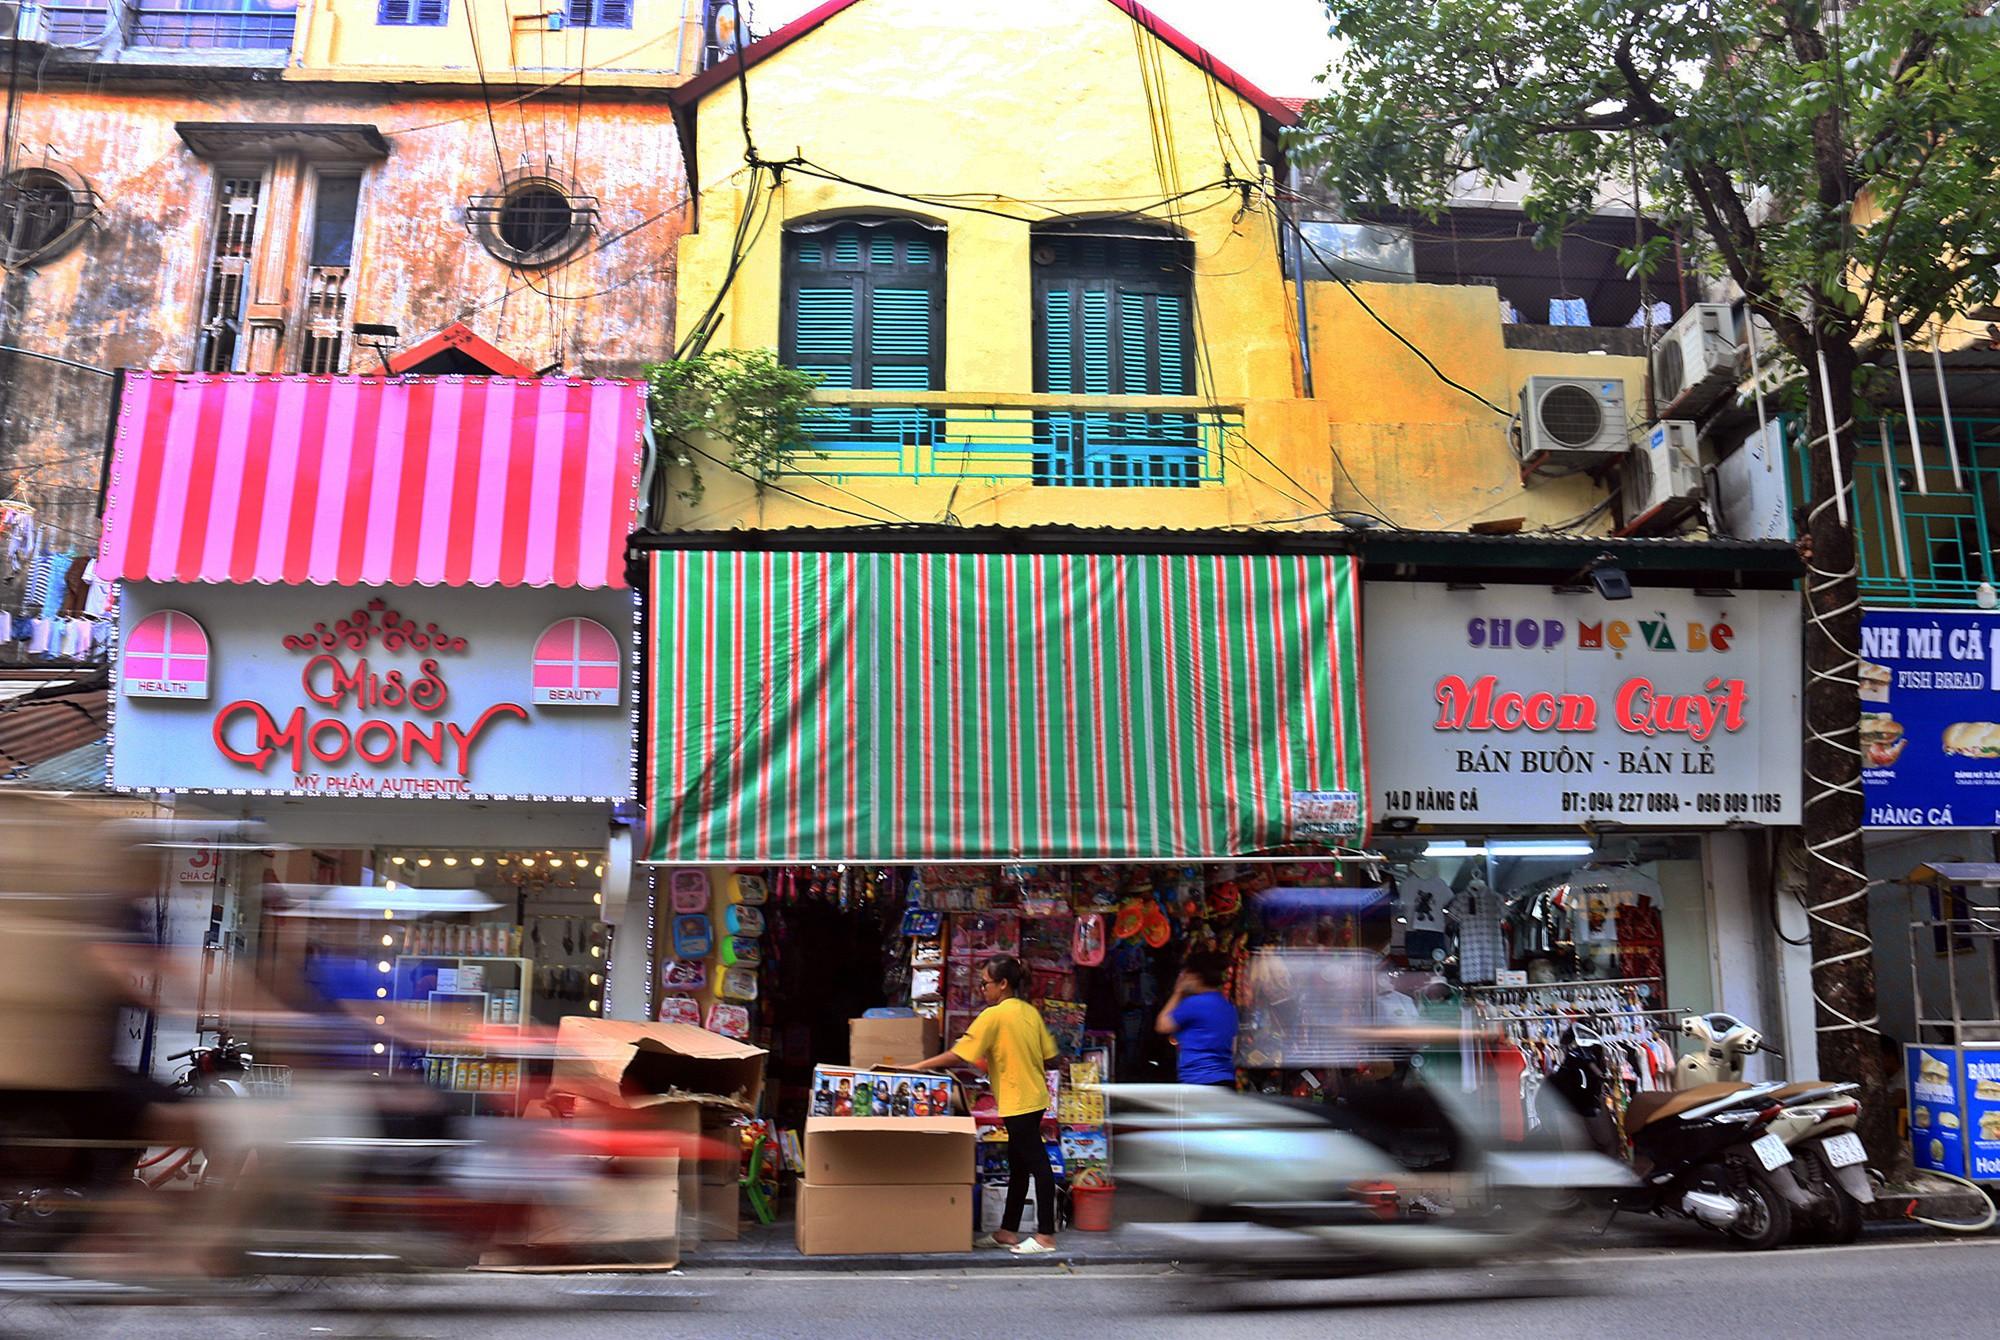 Hà Nội: Chỉnh trang nhiều ngôi nhà trên phố cổ để hút du khách - Ảnh 2.